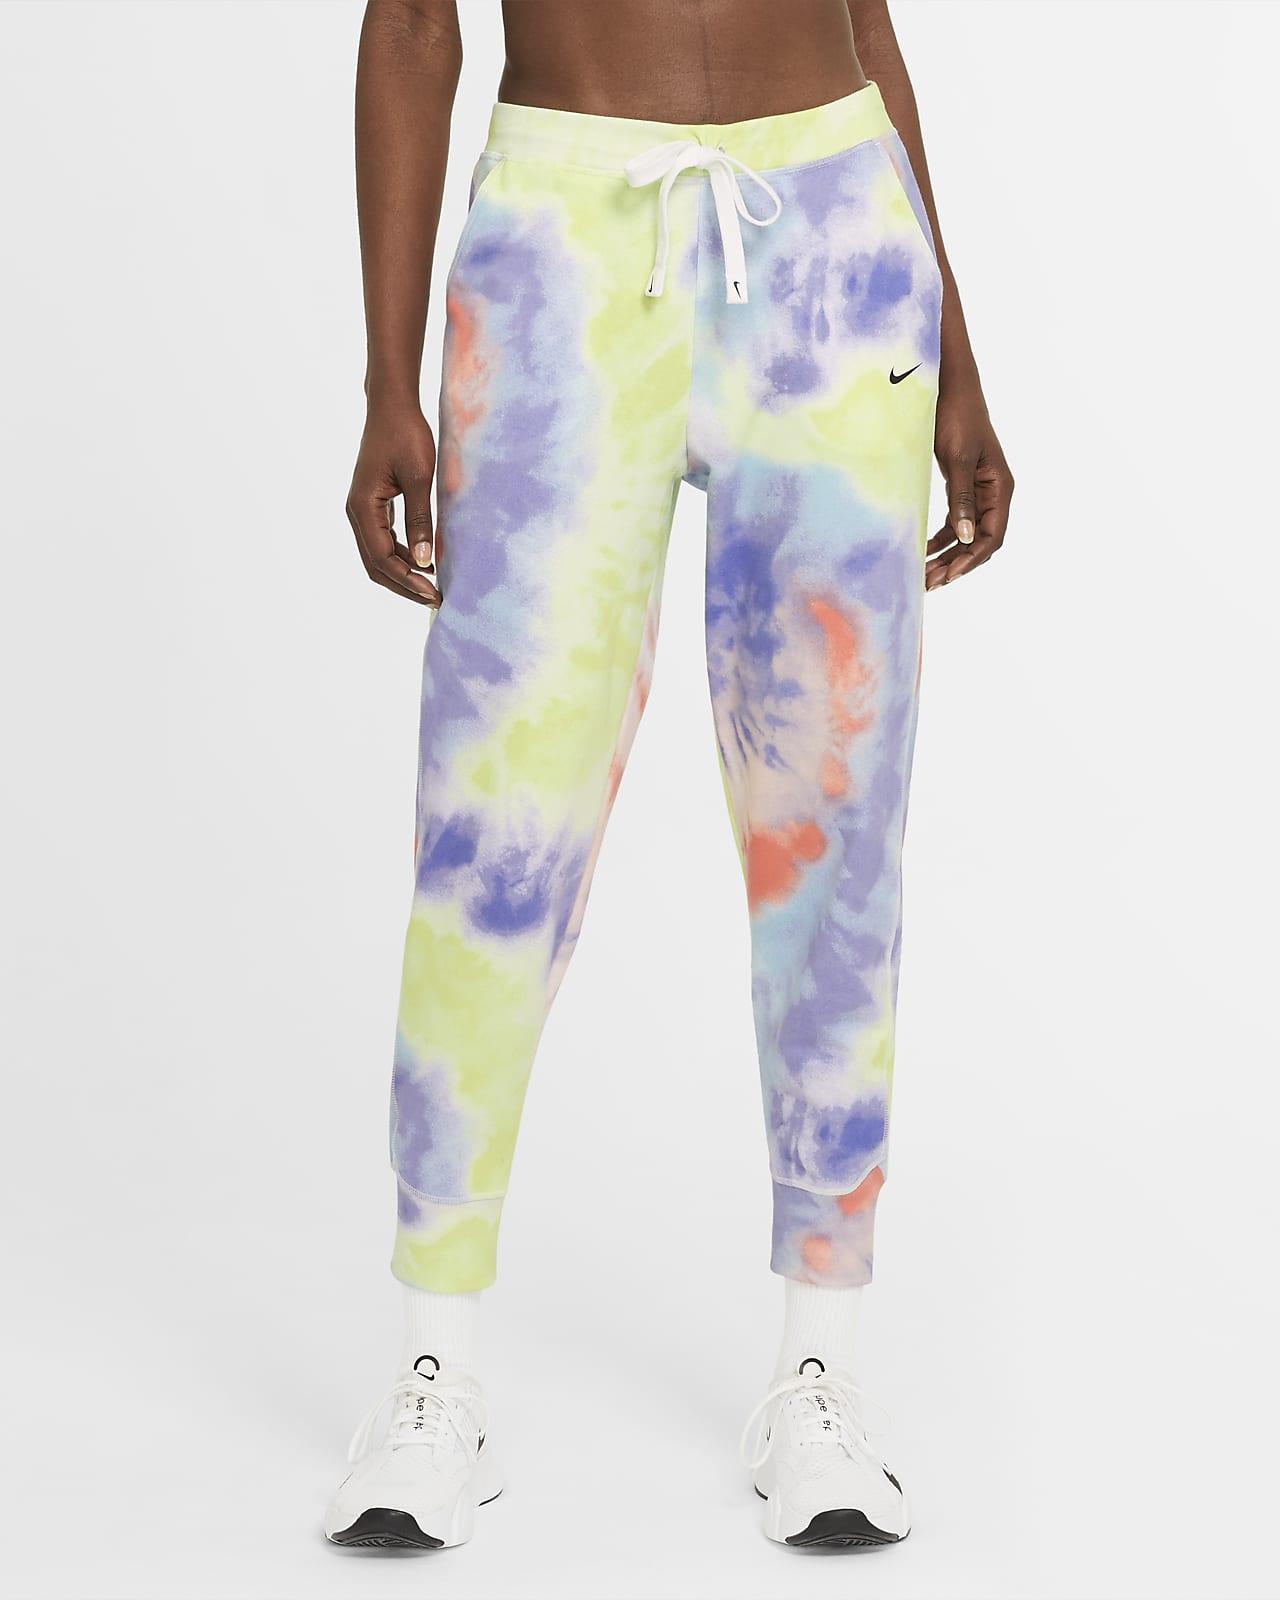 Nike Dri-FIT Get Fit Women's Tie-Dye 7/8 Training Pants